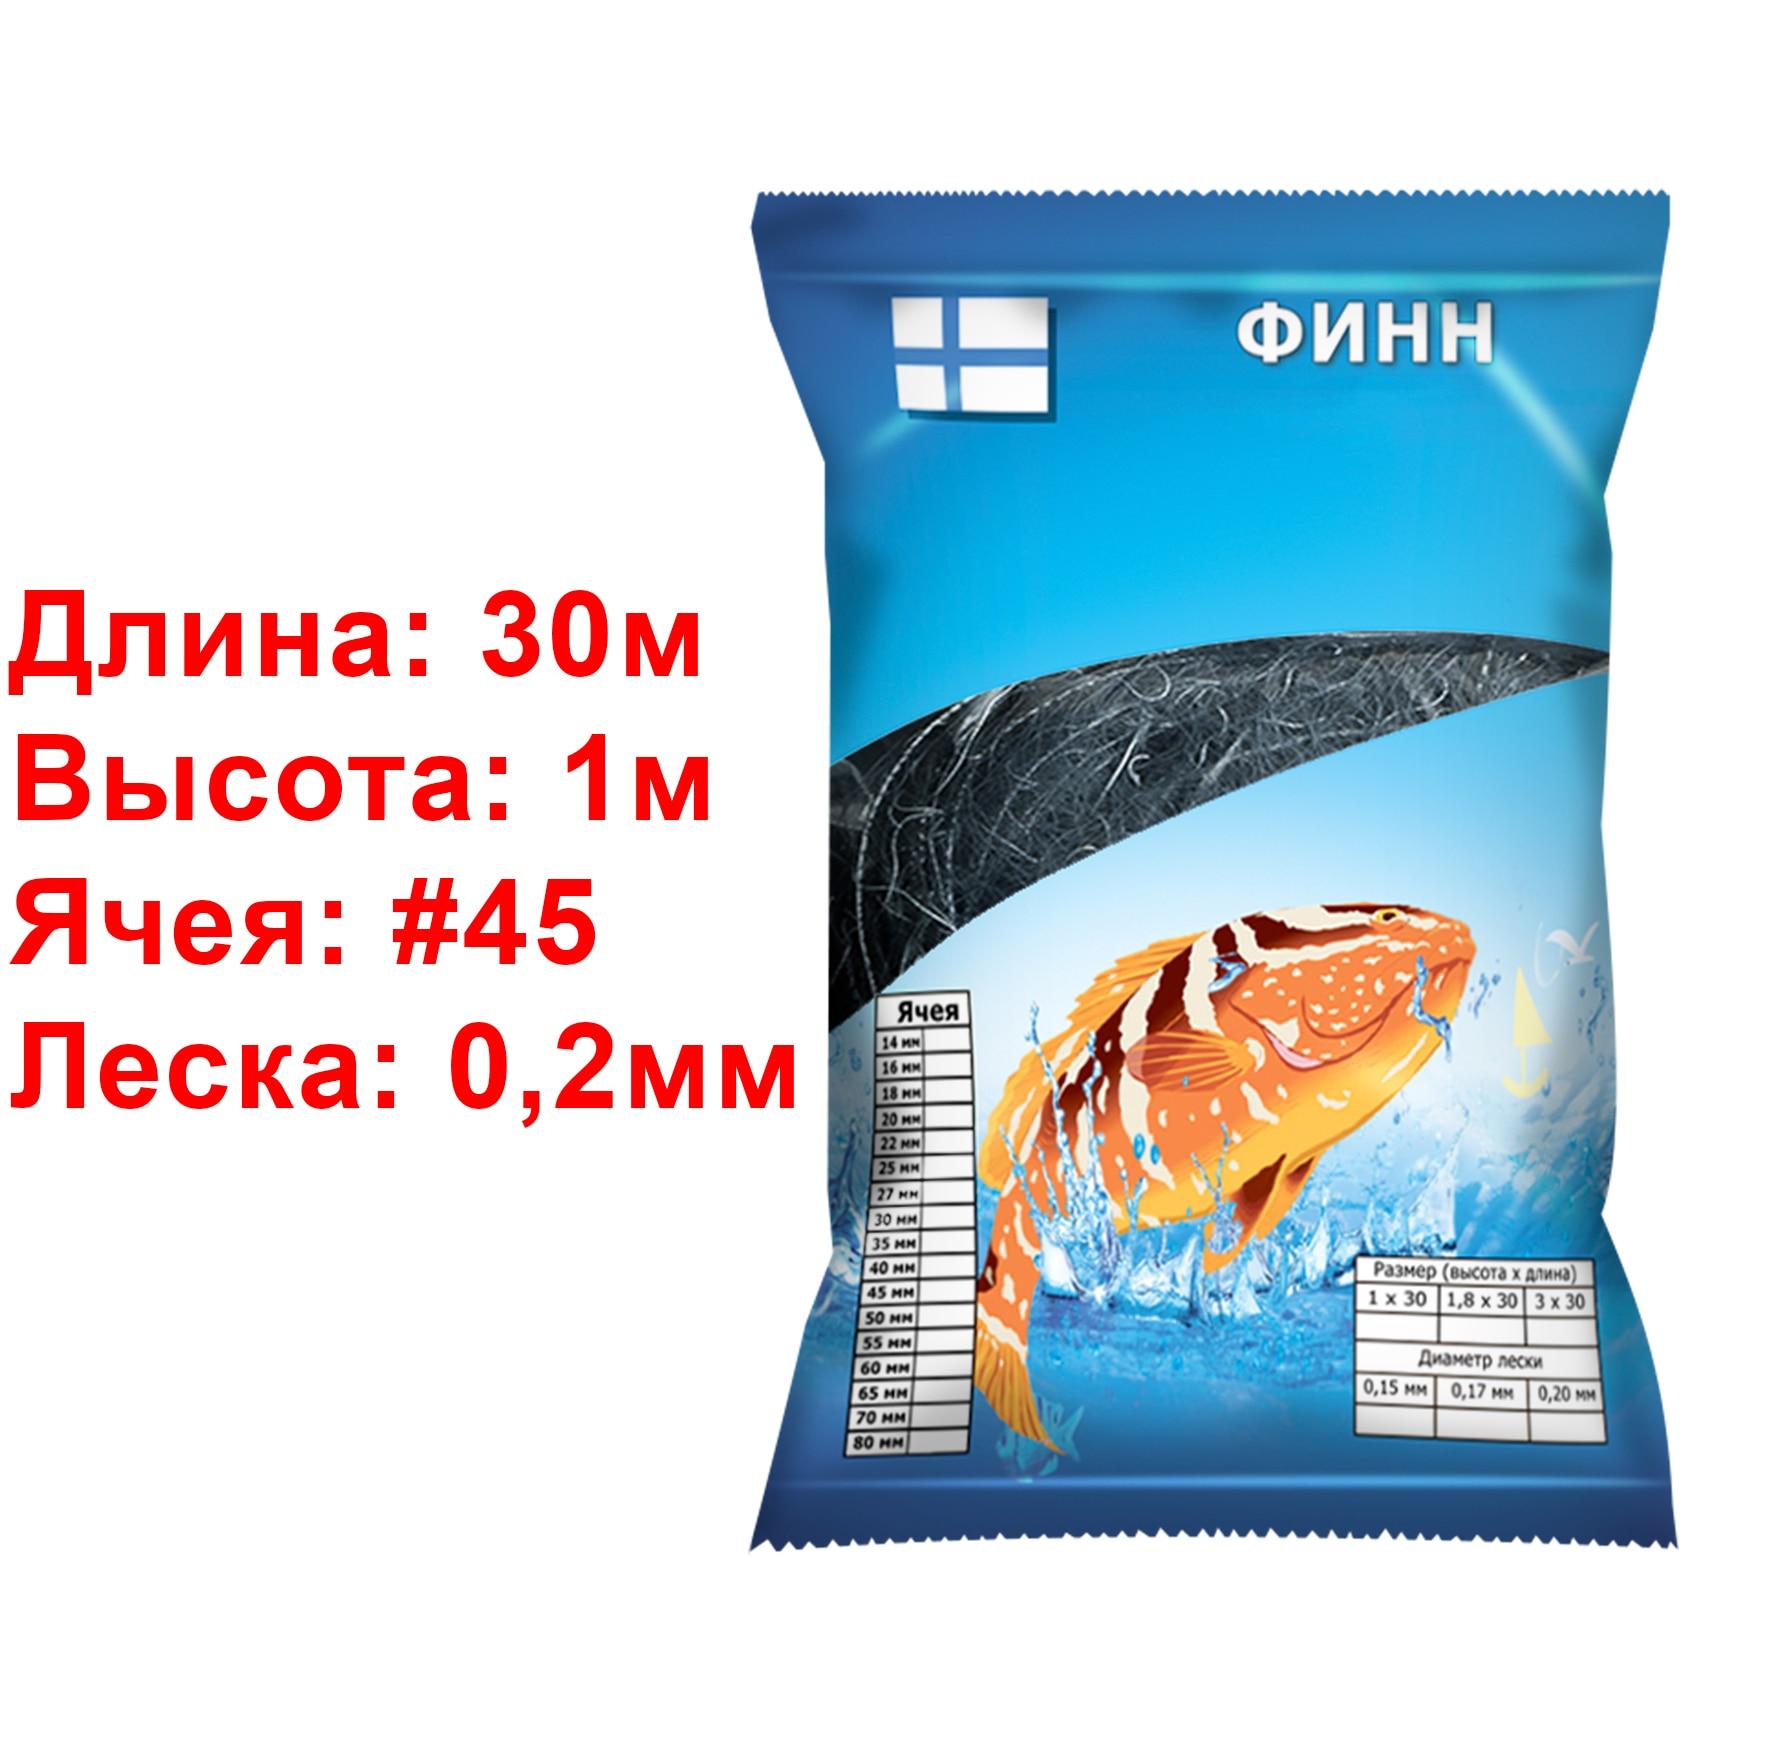 Лесковая финская рыболовная сеть.Длина 30 метров, высота 1 метр, ячея 45 мм. Плавающий и тонущий шнуры, производство Россия. Рыболовная сеть    АлиЭкспресс